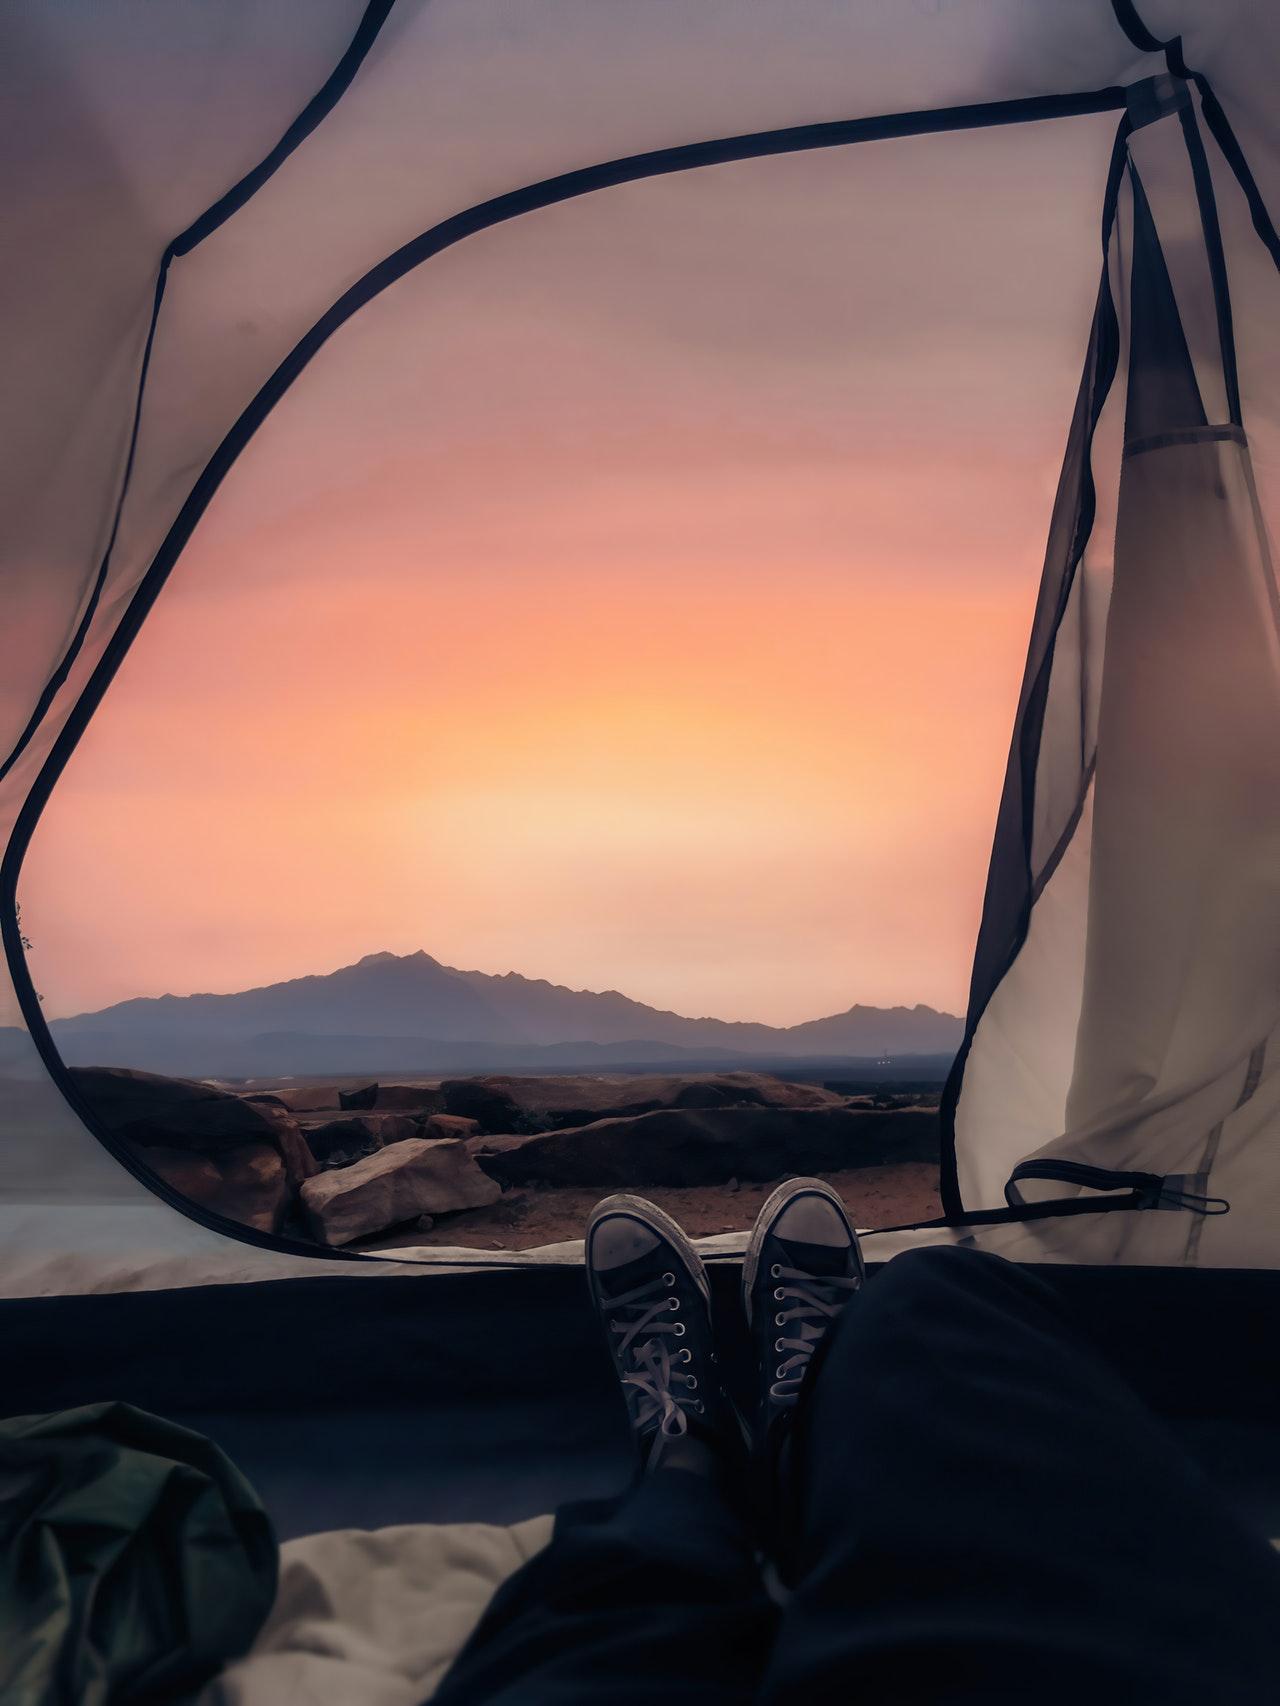 Le rythme biologique est trop souvent oublié mais vivre au rythme de lever et du coucher du soleil est la clé d'une bonne santé.